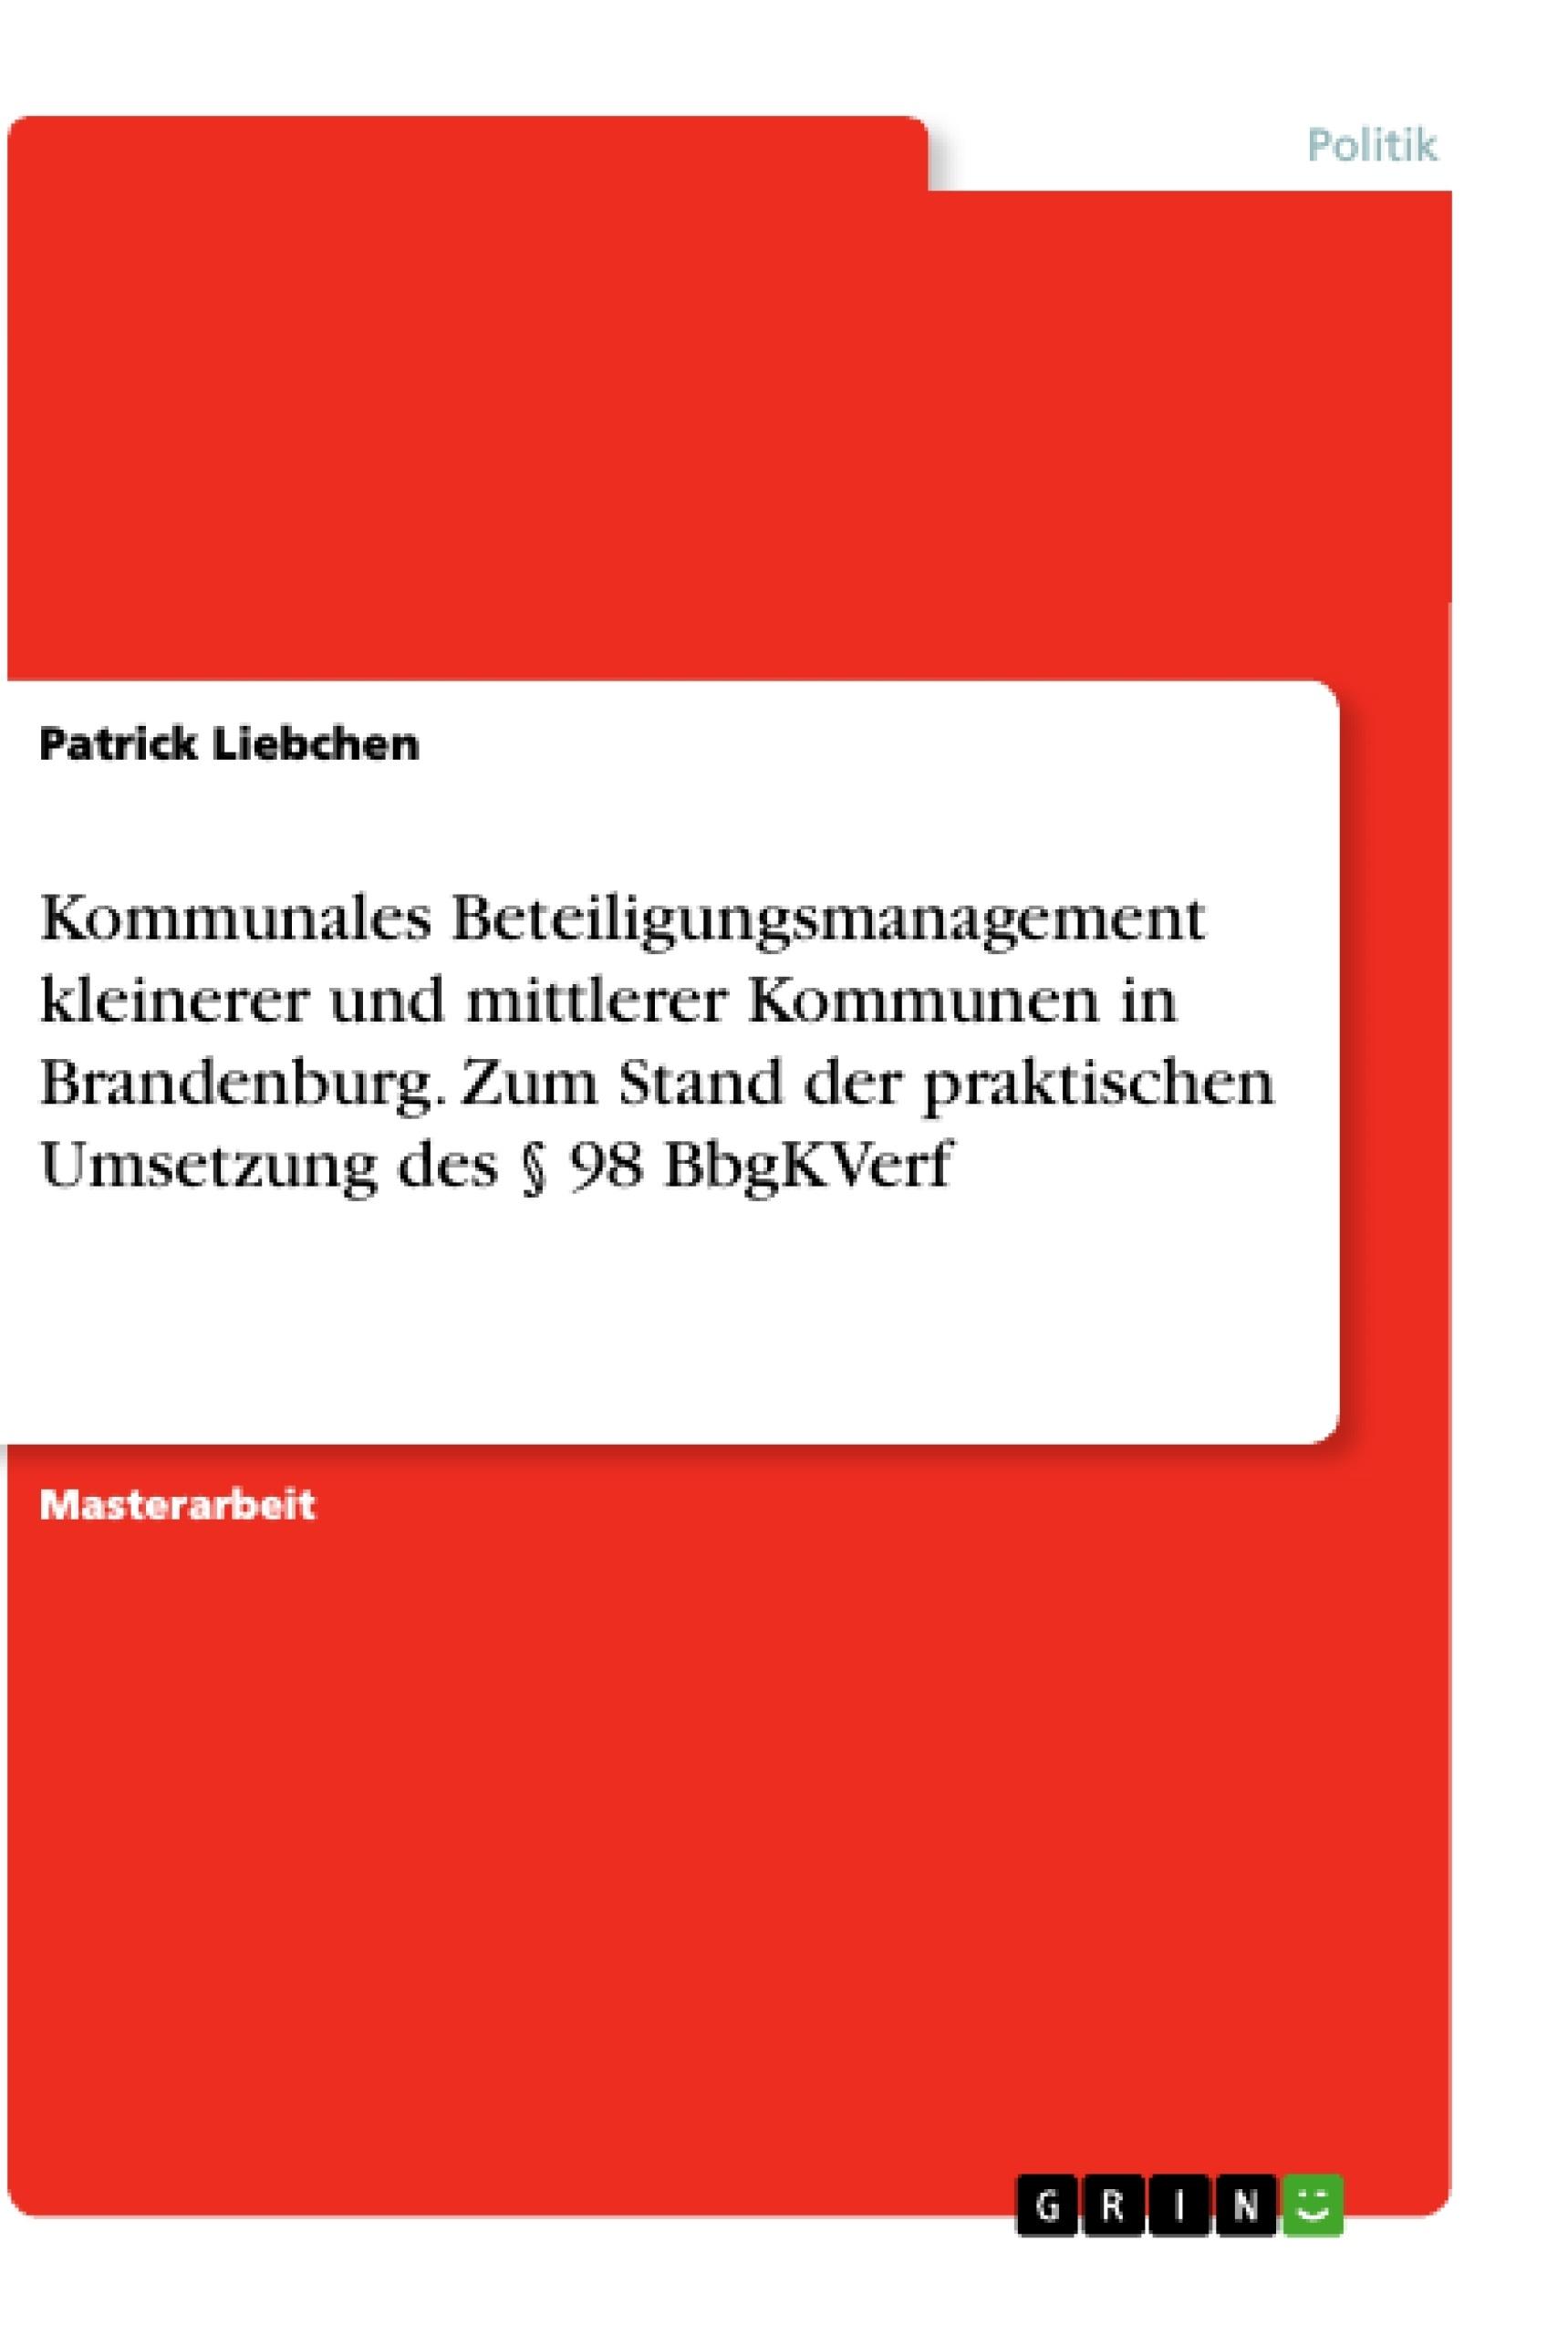 Titel: Kommunales Beteiligungsmanagement kleinerer und mittlerer Kommunen in Brandenburg. Zum Stand der praktischen Umsetzung des § 98 BbgKVerf